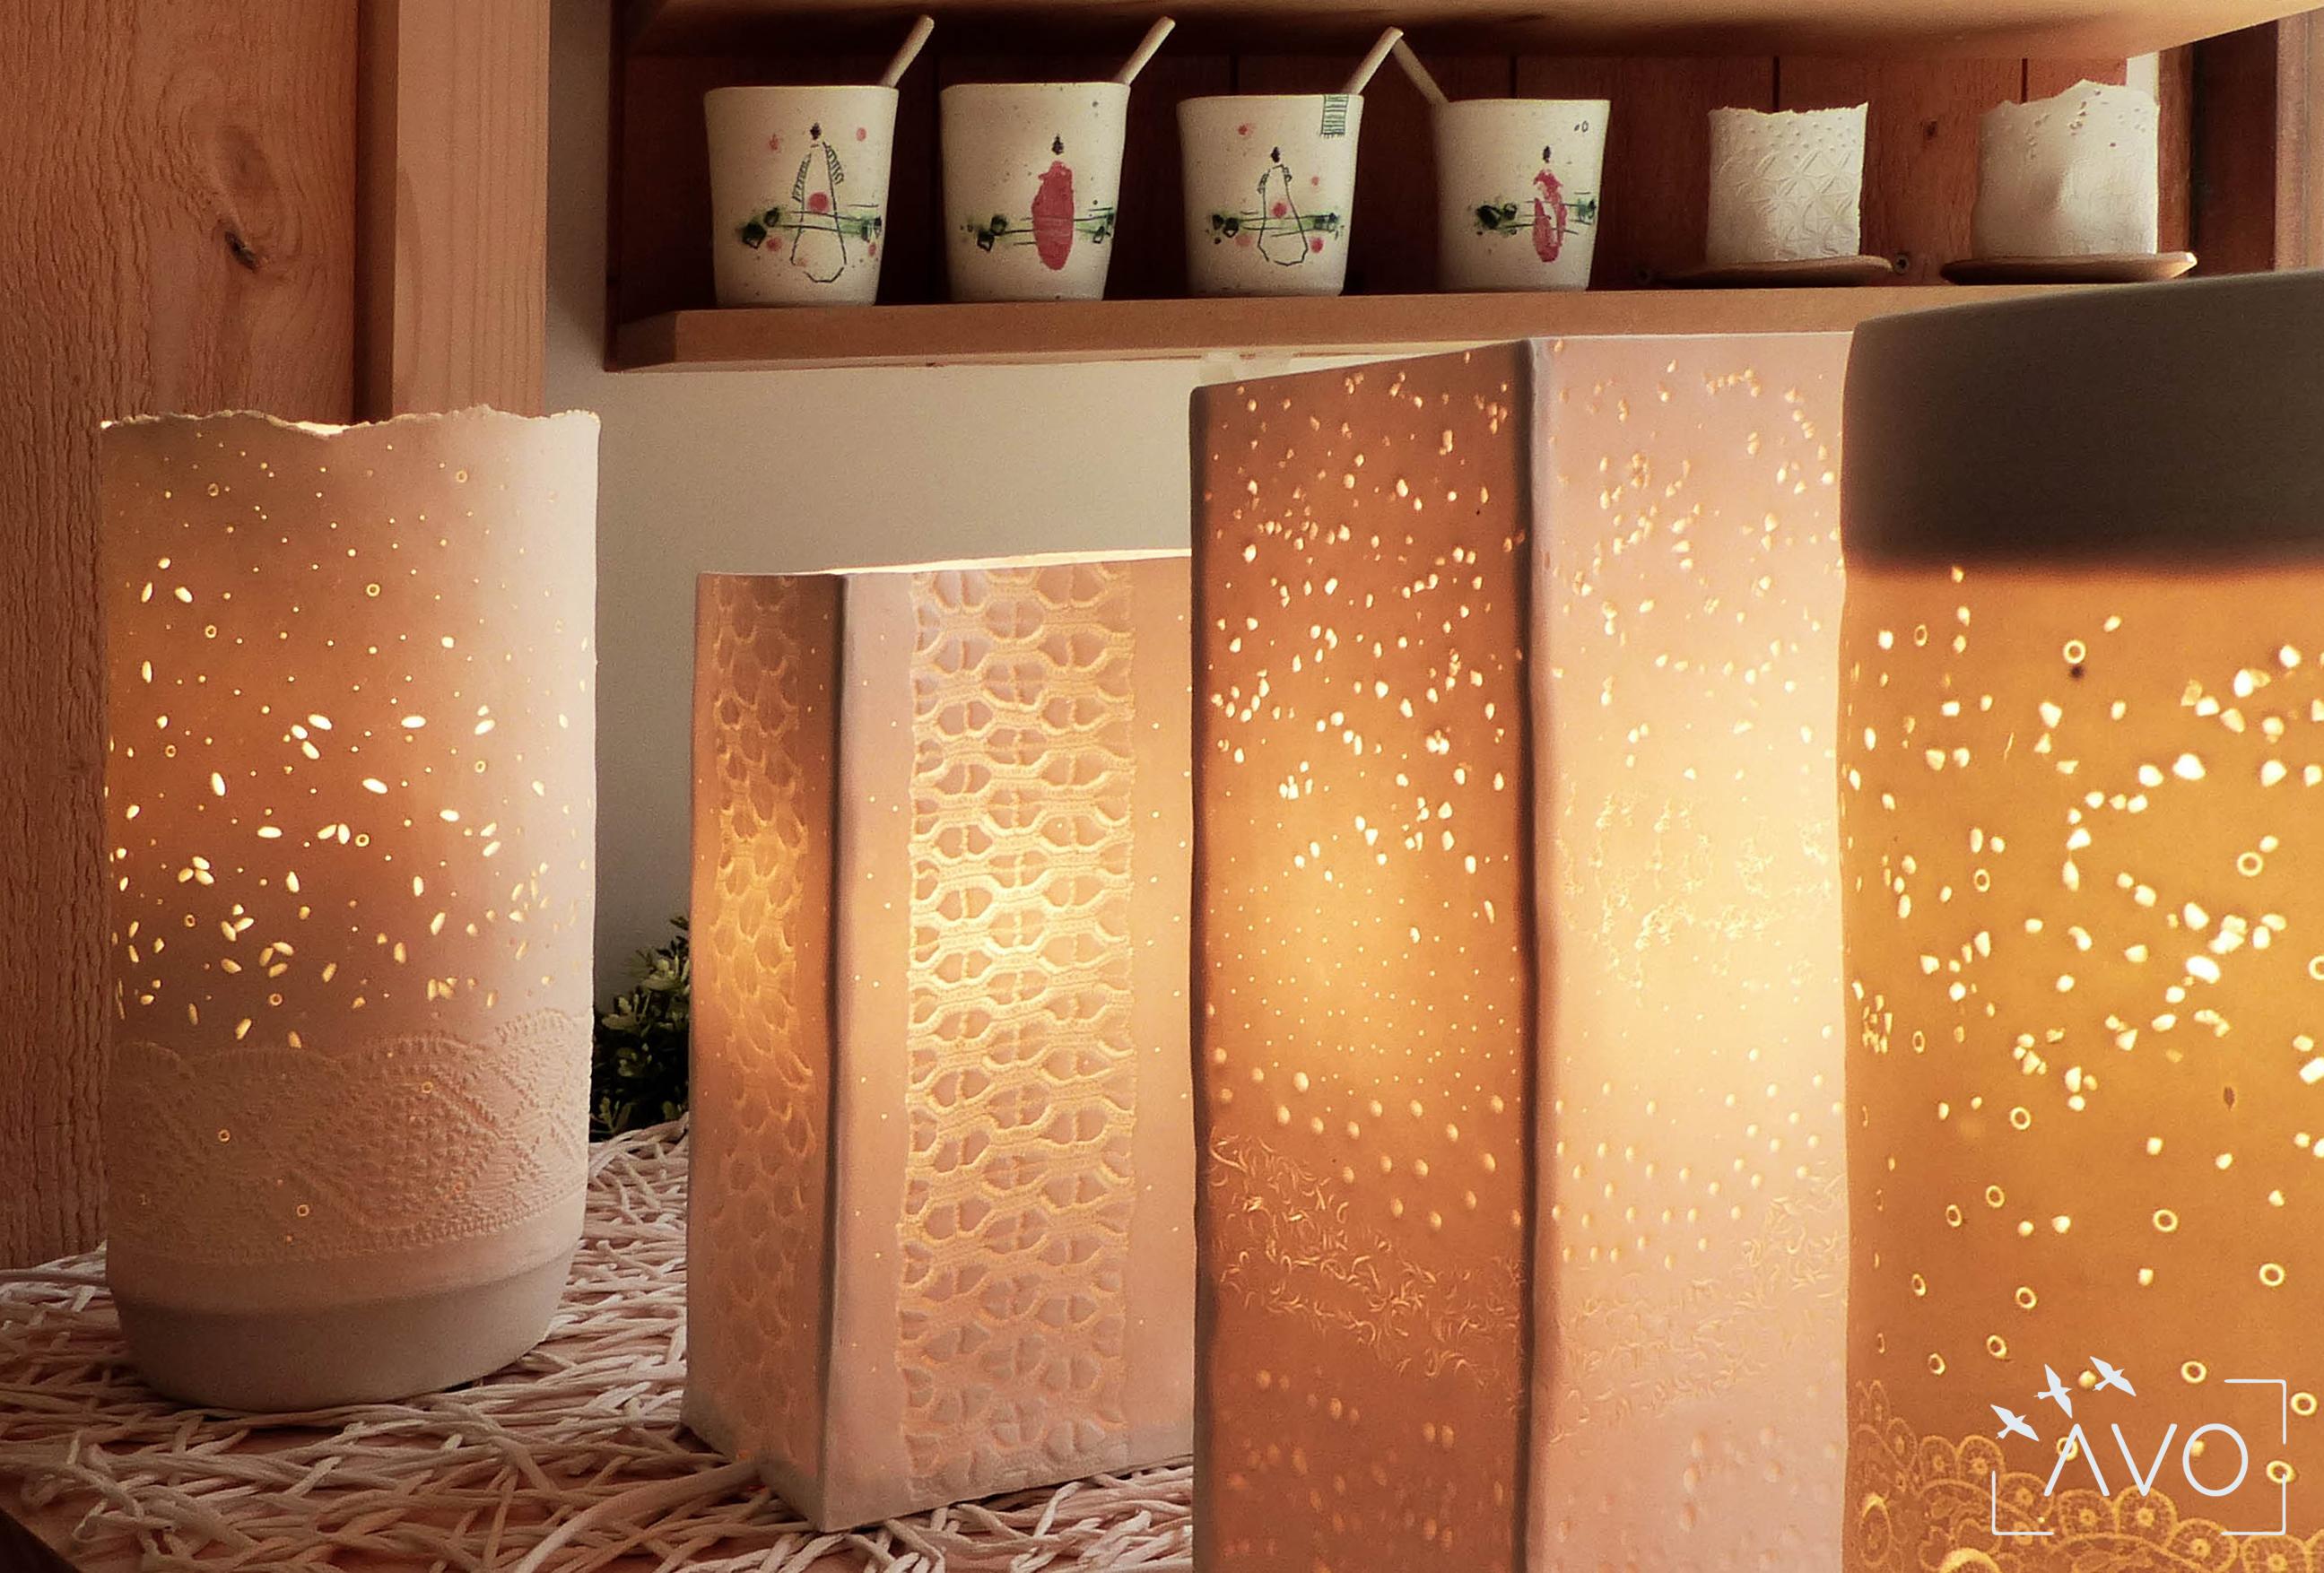 les carrés céramique porcelaine st pierre d'allevard luminaire riz grain